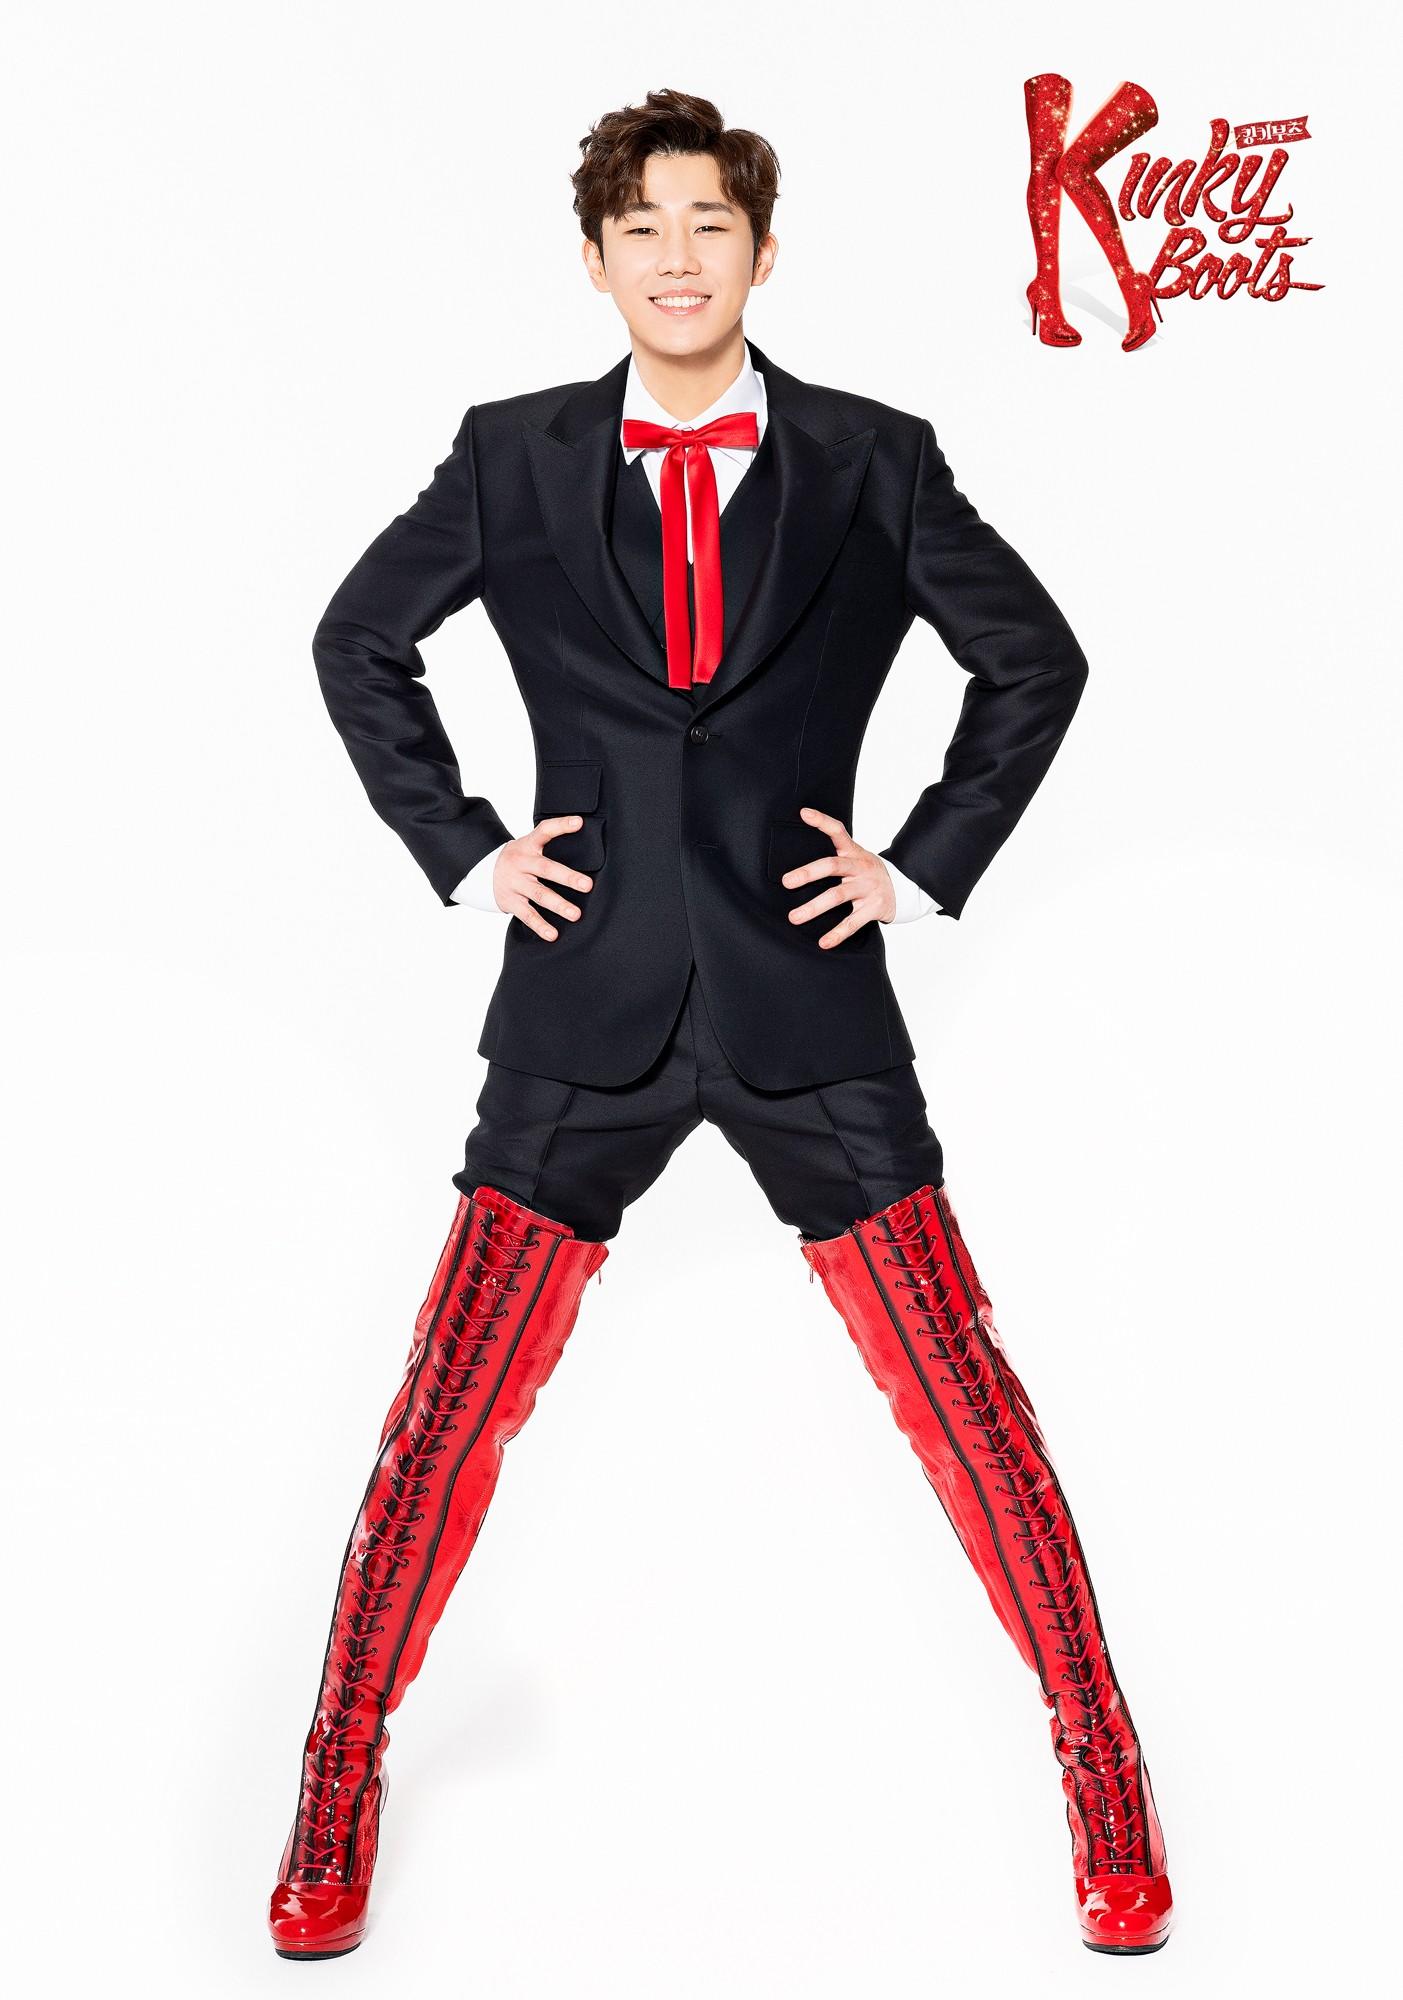 INFINITE ソンギュ、軍除隊後の初のミュージカル「キンキー・ブーツ ...